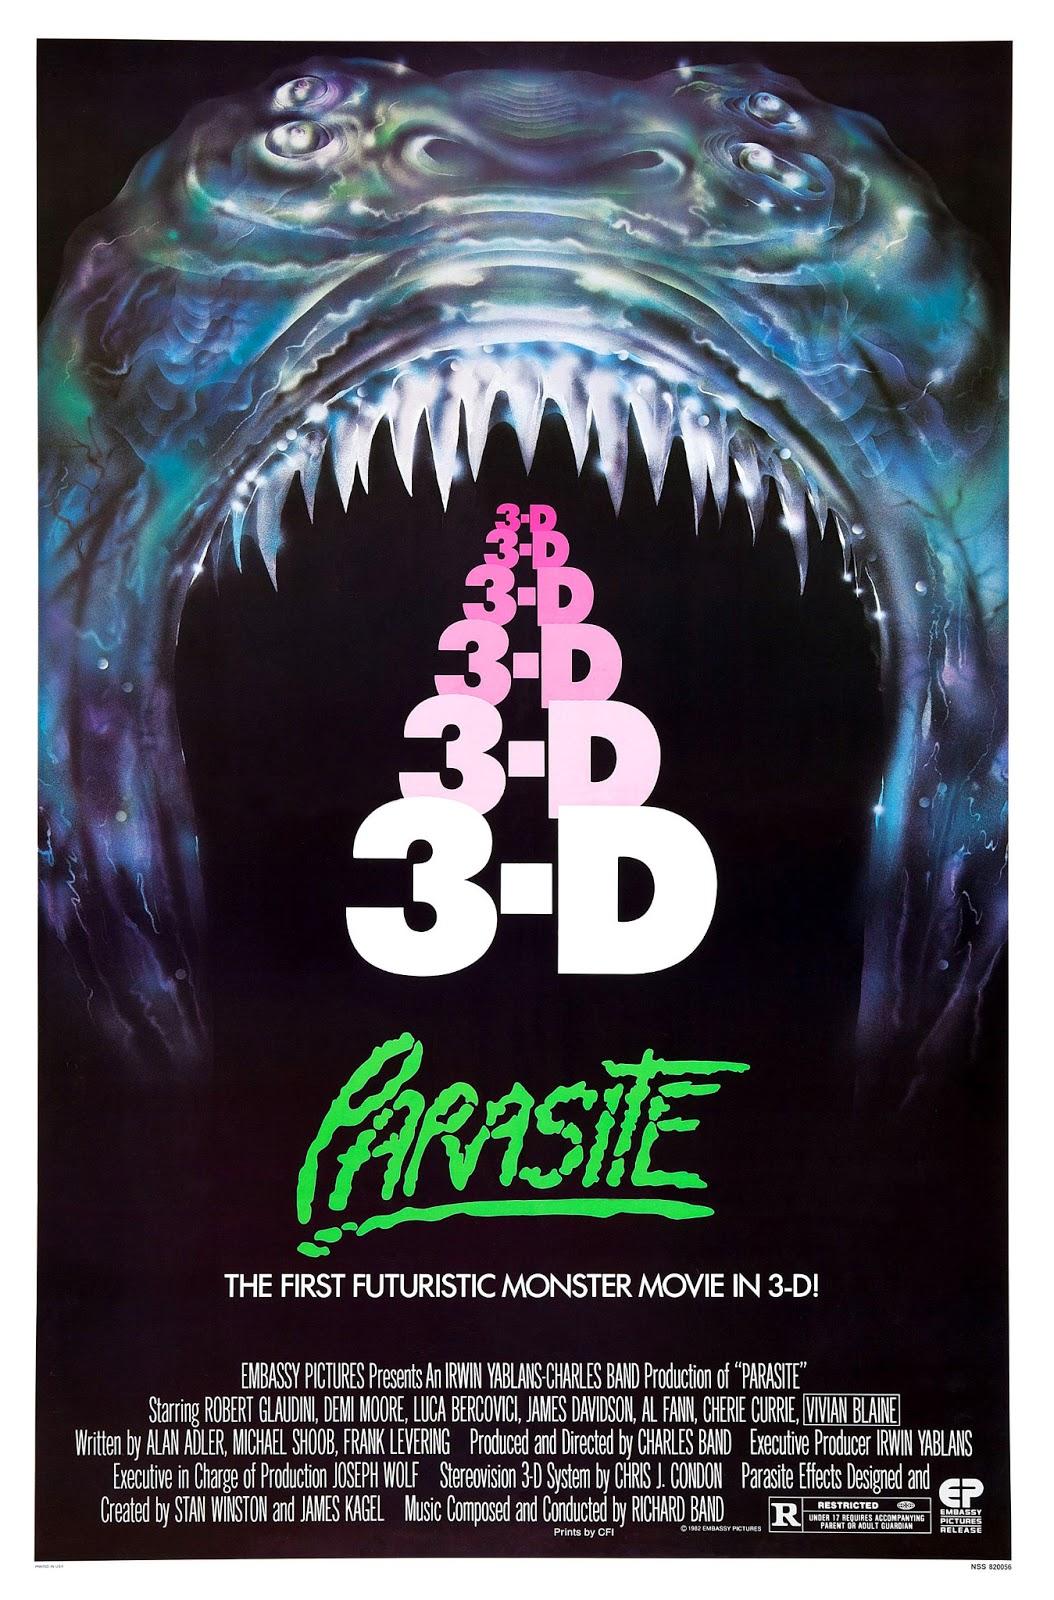 http://3.bp.blogspot.com/-LohSjUtYSTg/UQcZYX_RaKI/AAAAAAAADhQ/r8YdF6gv9Yo/s1600/parasite_poster_01.jpg